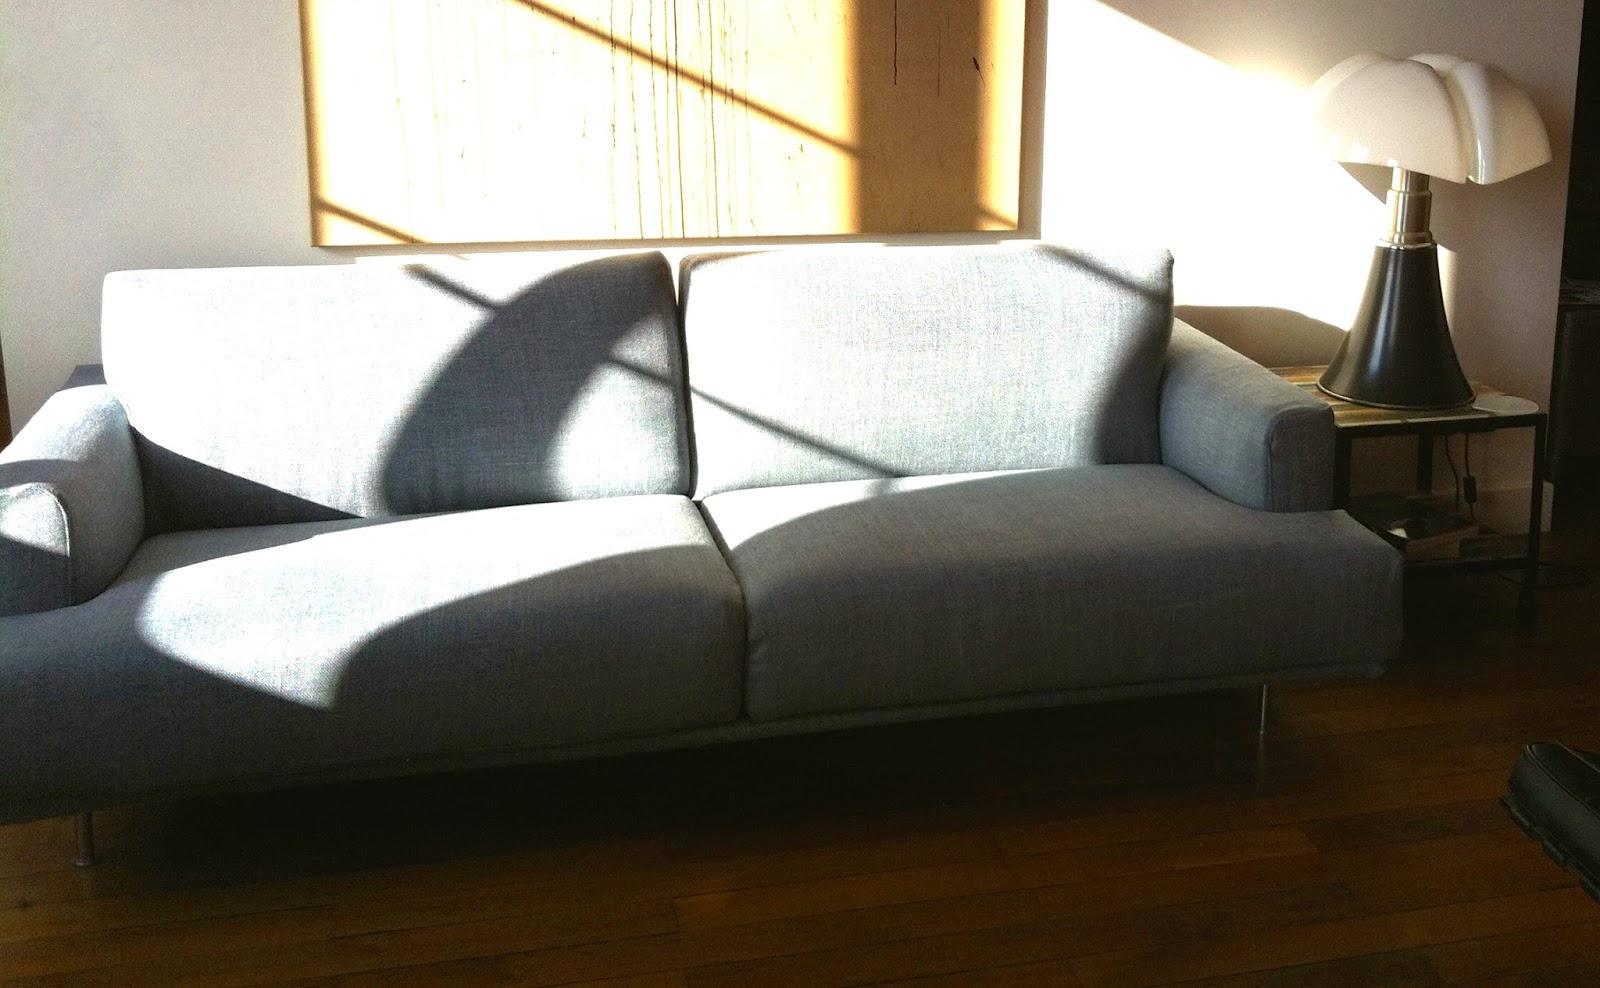 atelier anne lavit artisan tapissier d corateur 69007 lyon canape en lin. Black Bedroom Furniture Sets. Home Design Ideas